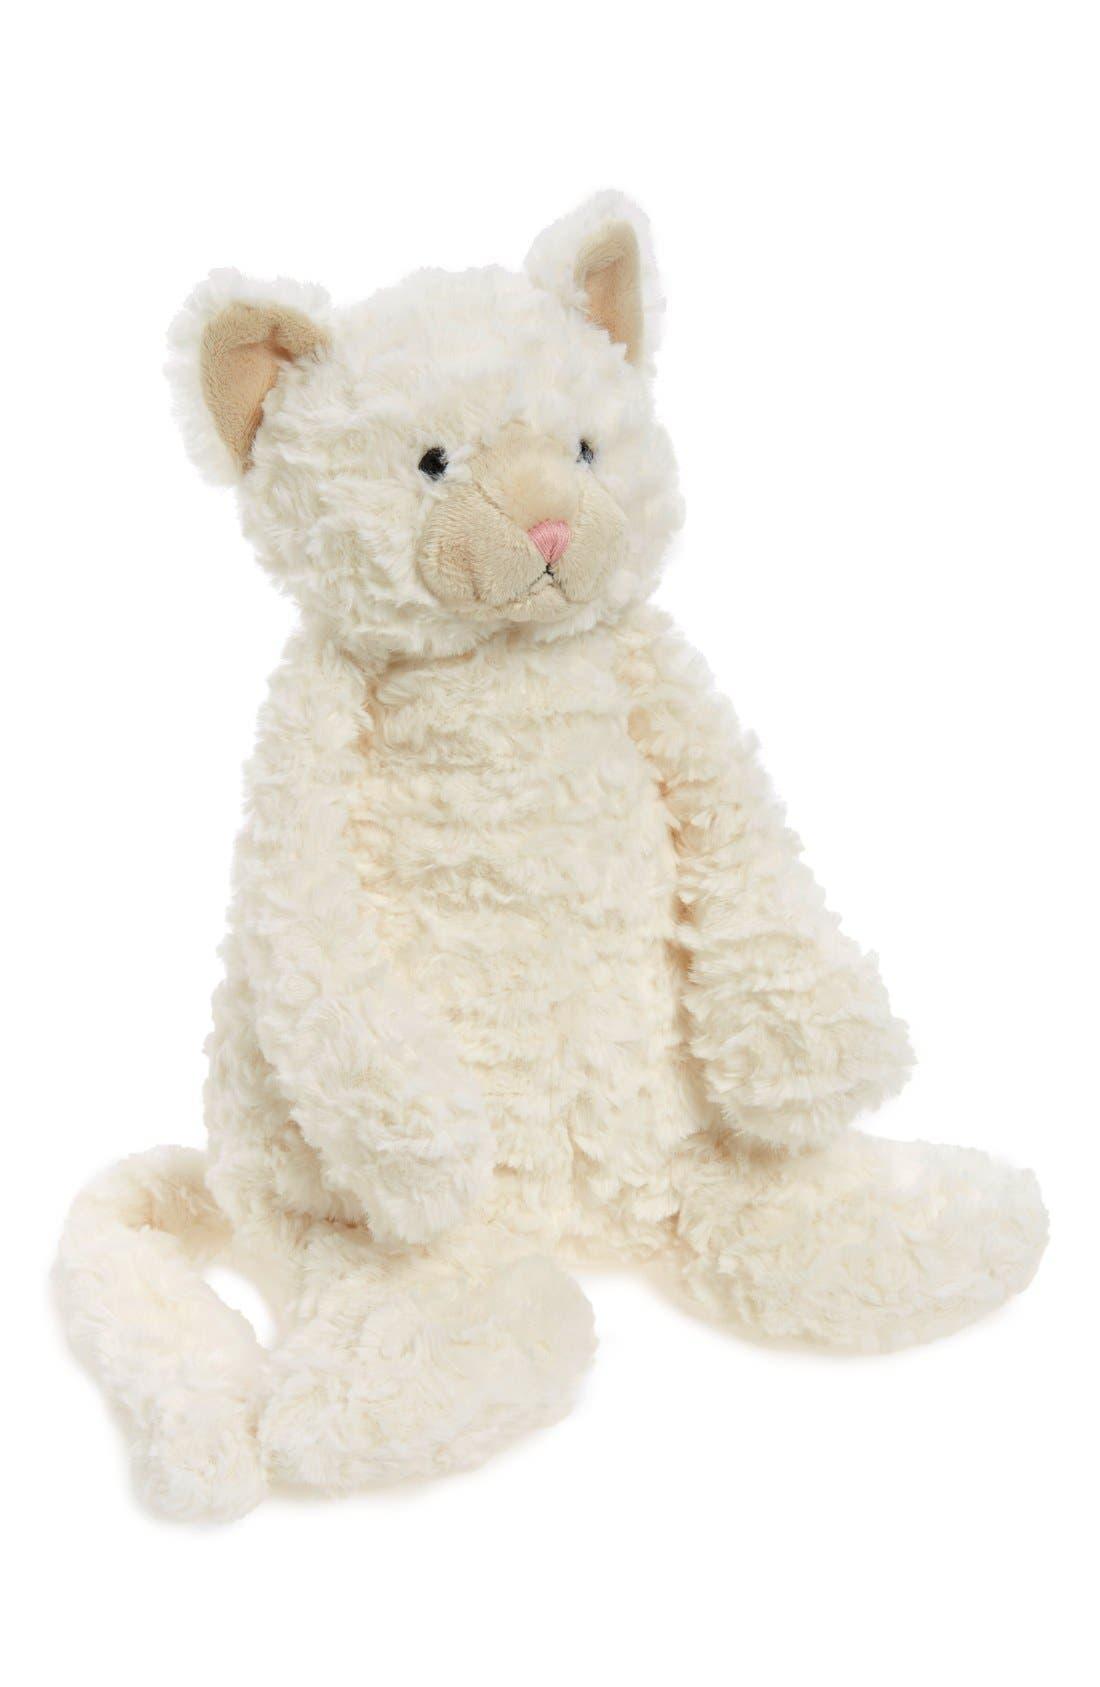 Main Image - Jellycat Katie Kitten Stuffed Animal